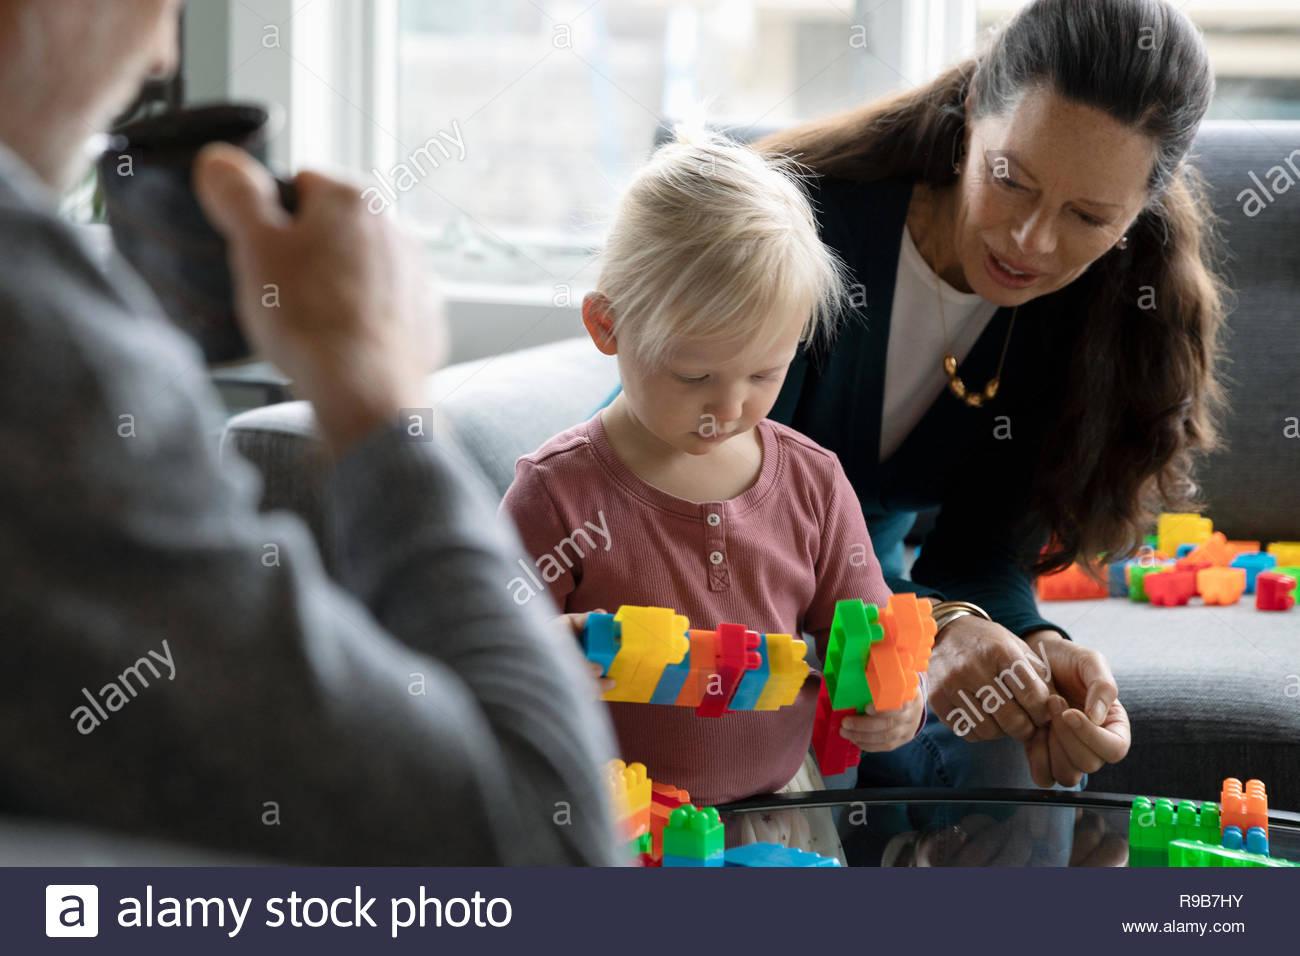 Abuela y nieta jugando con bloques de plástico Imagen De Stock